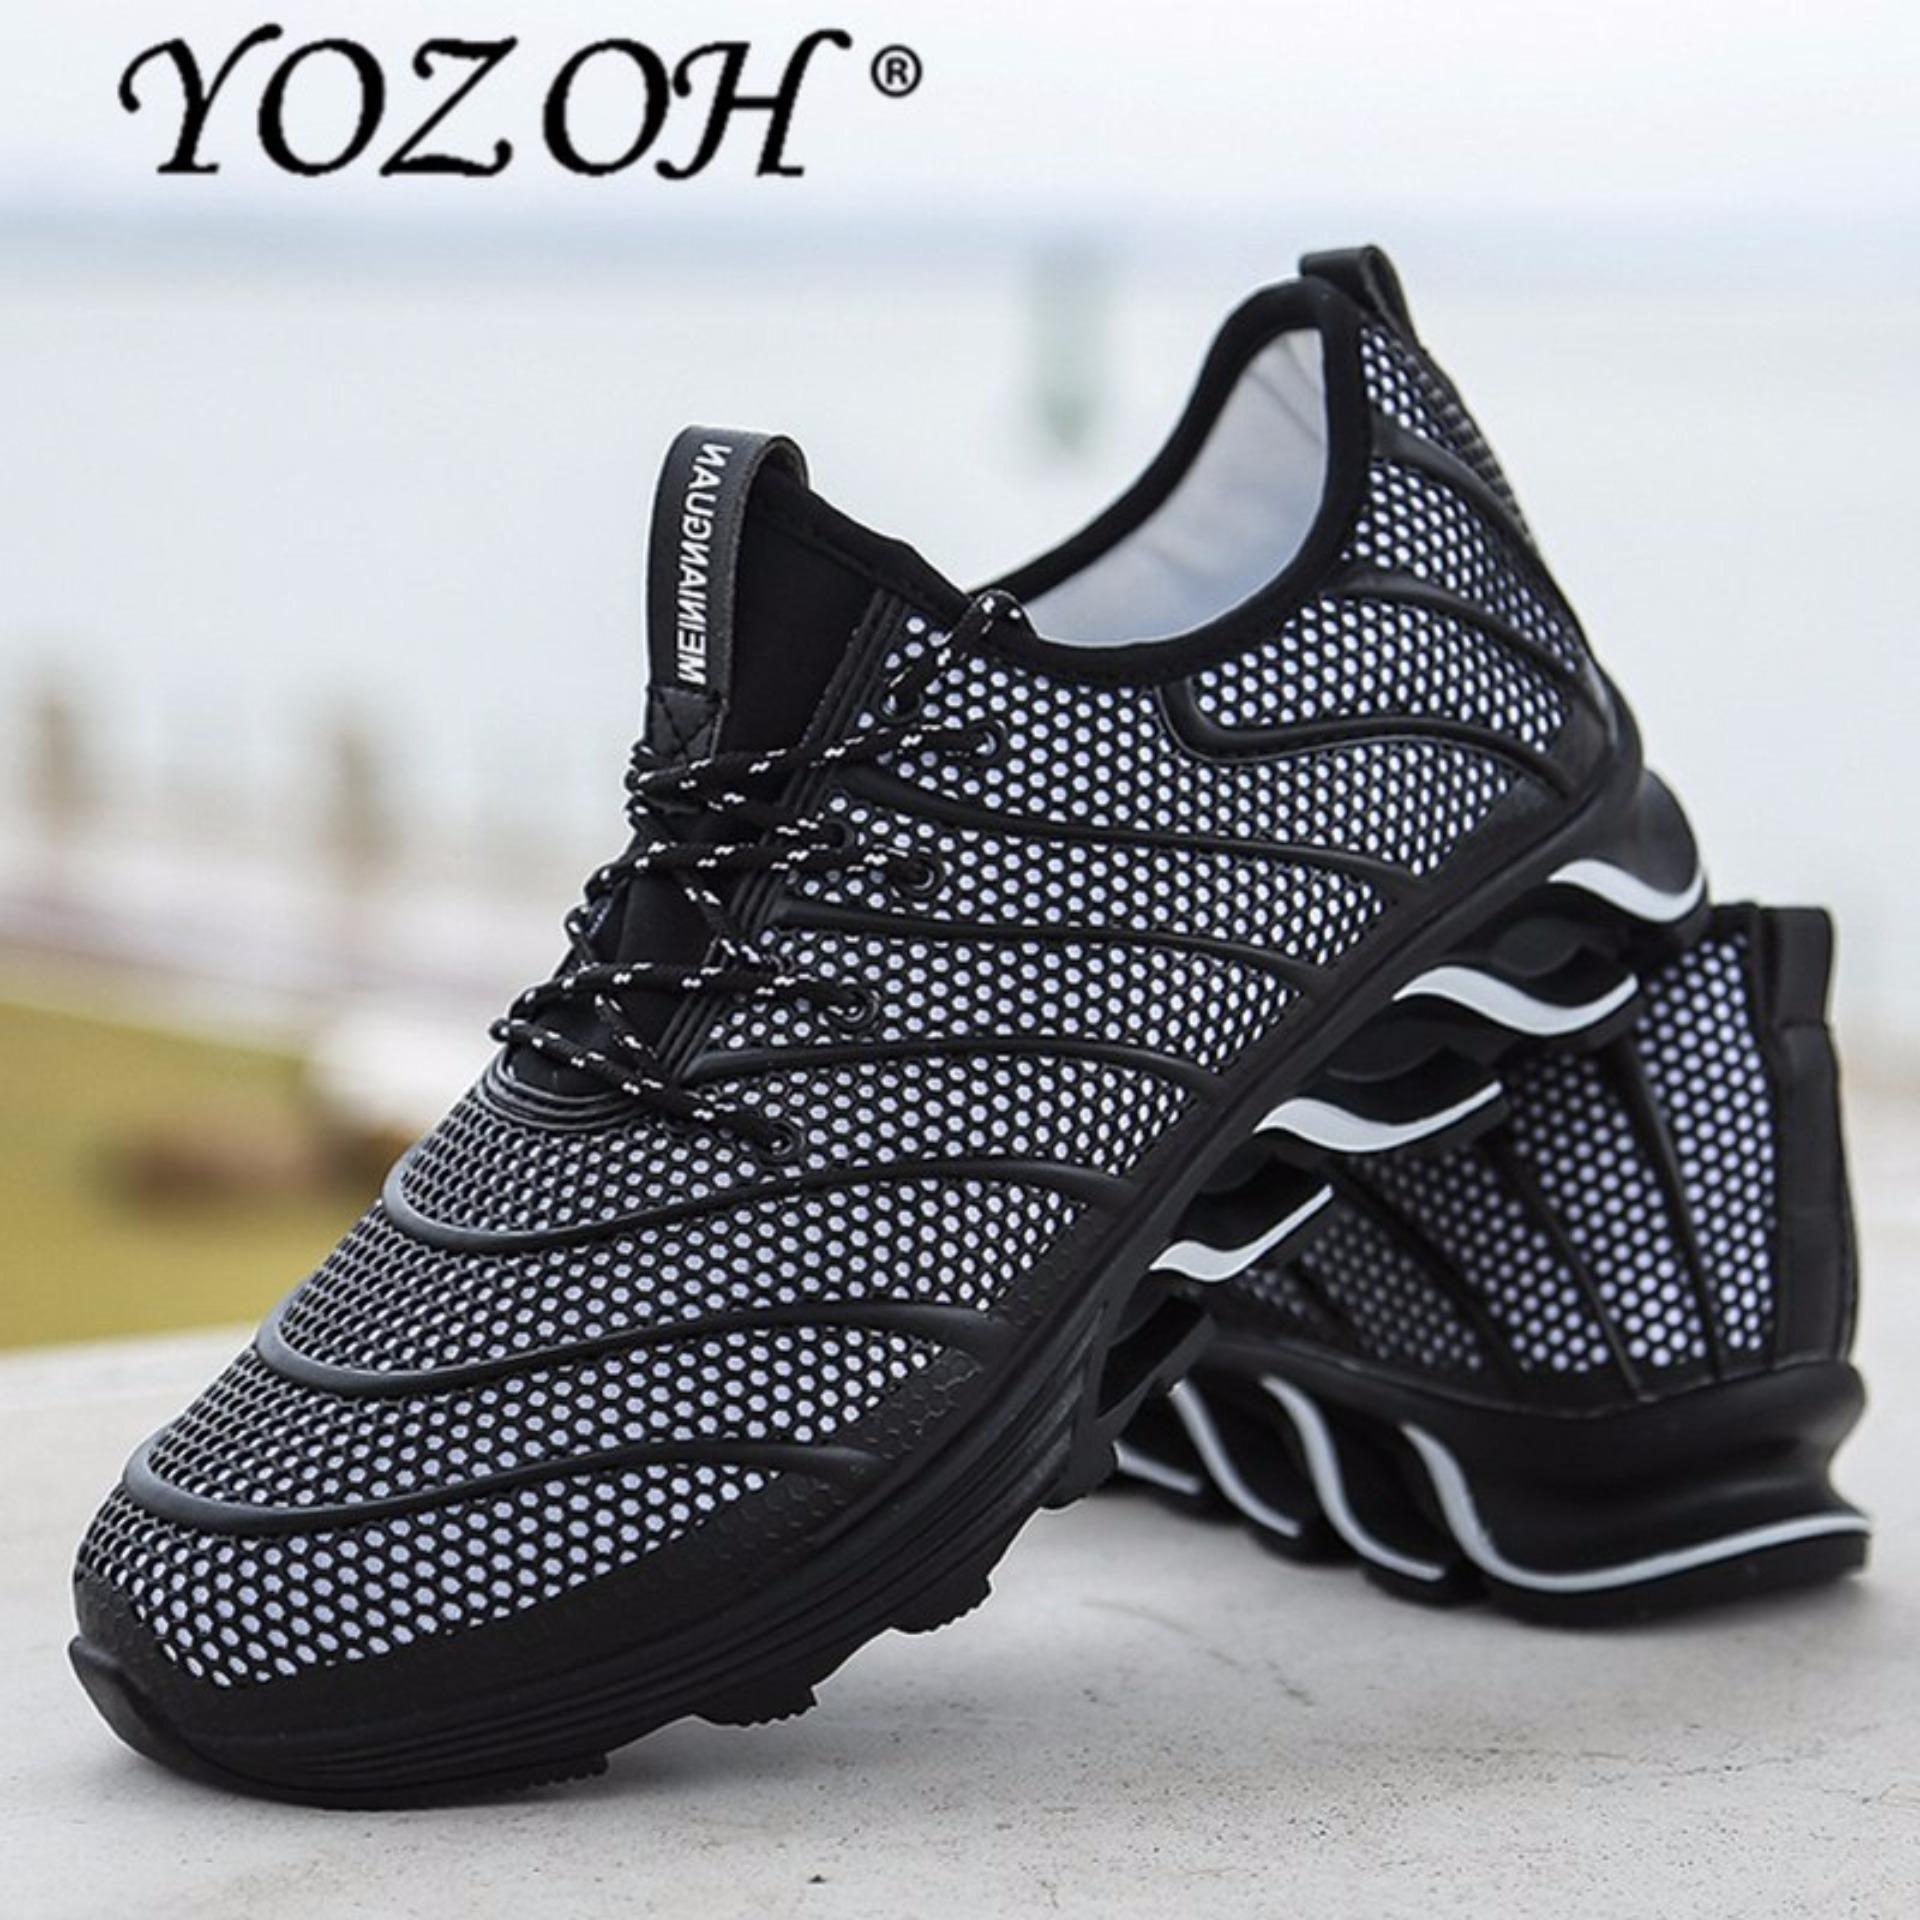 Beli Yozoh Olahraga Sepatu Lari Musik Irama Pria Sneakers Bernapas Mesh Kolam Hitam Intl Online Murah